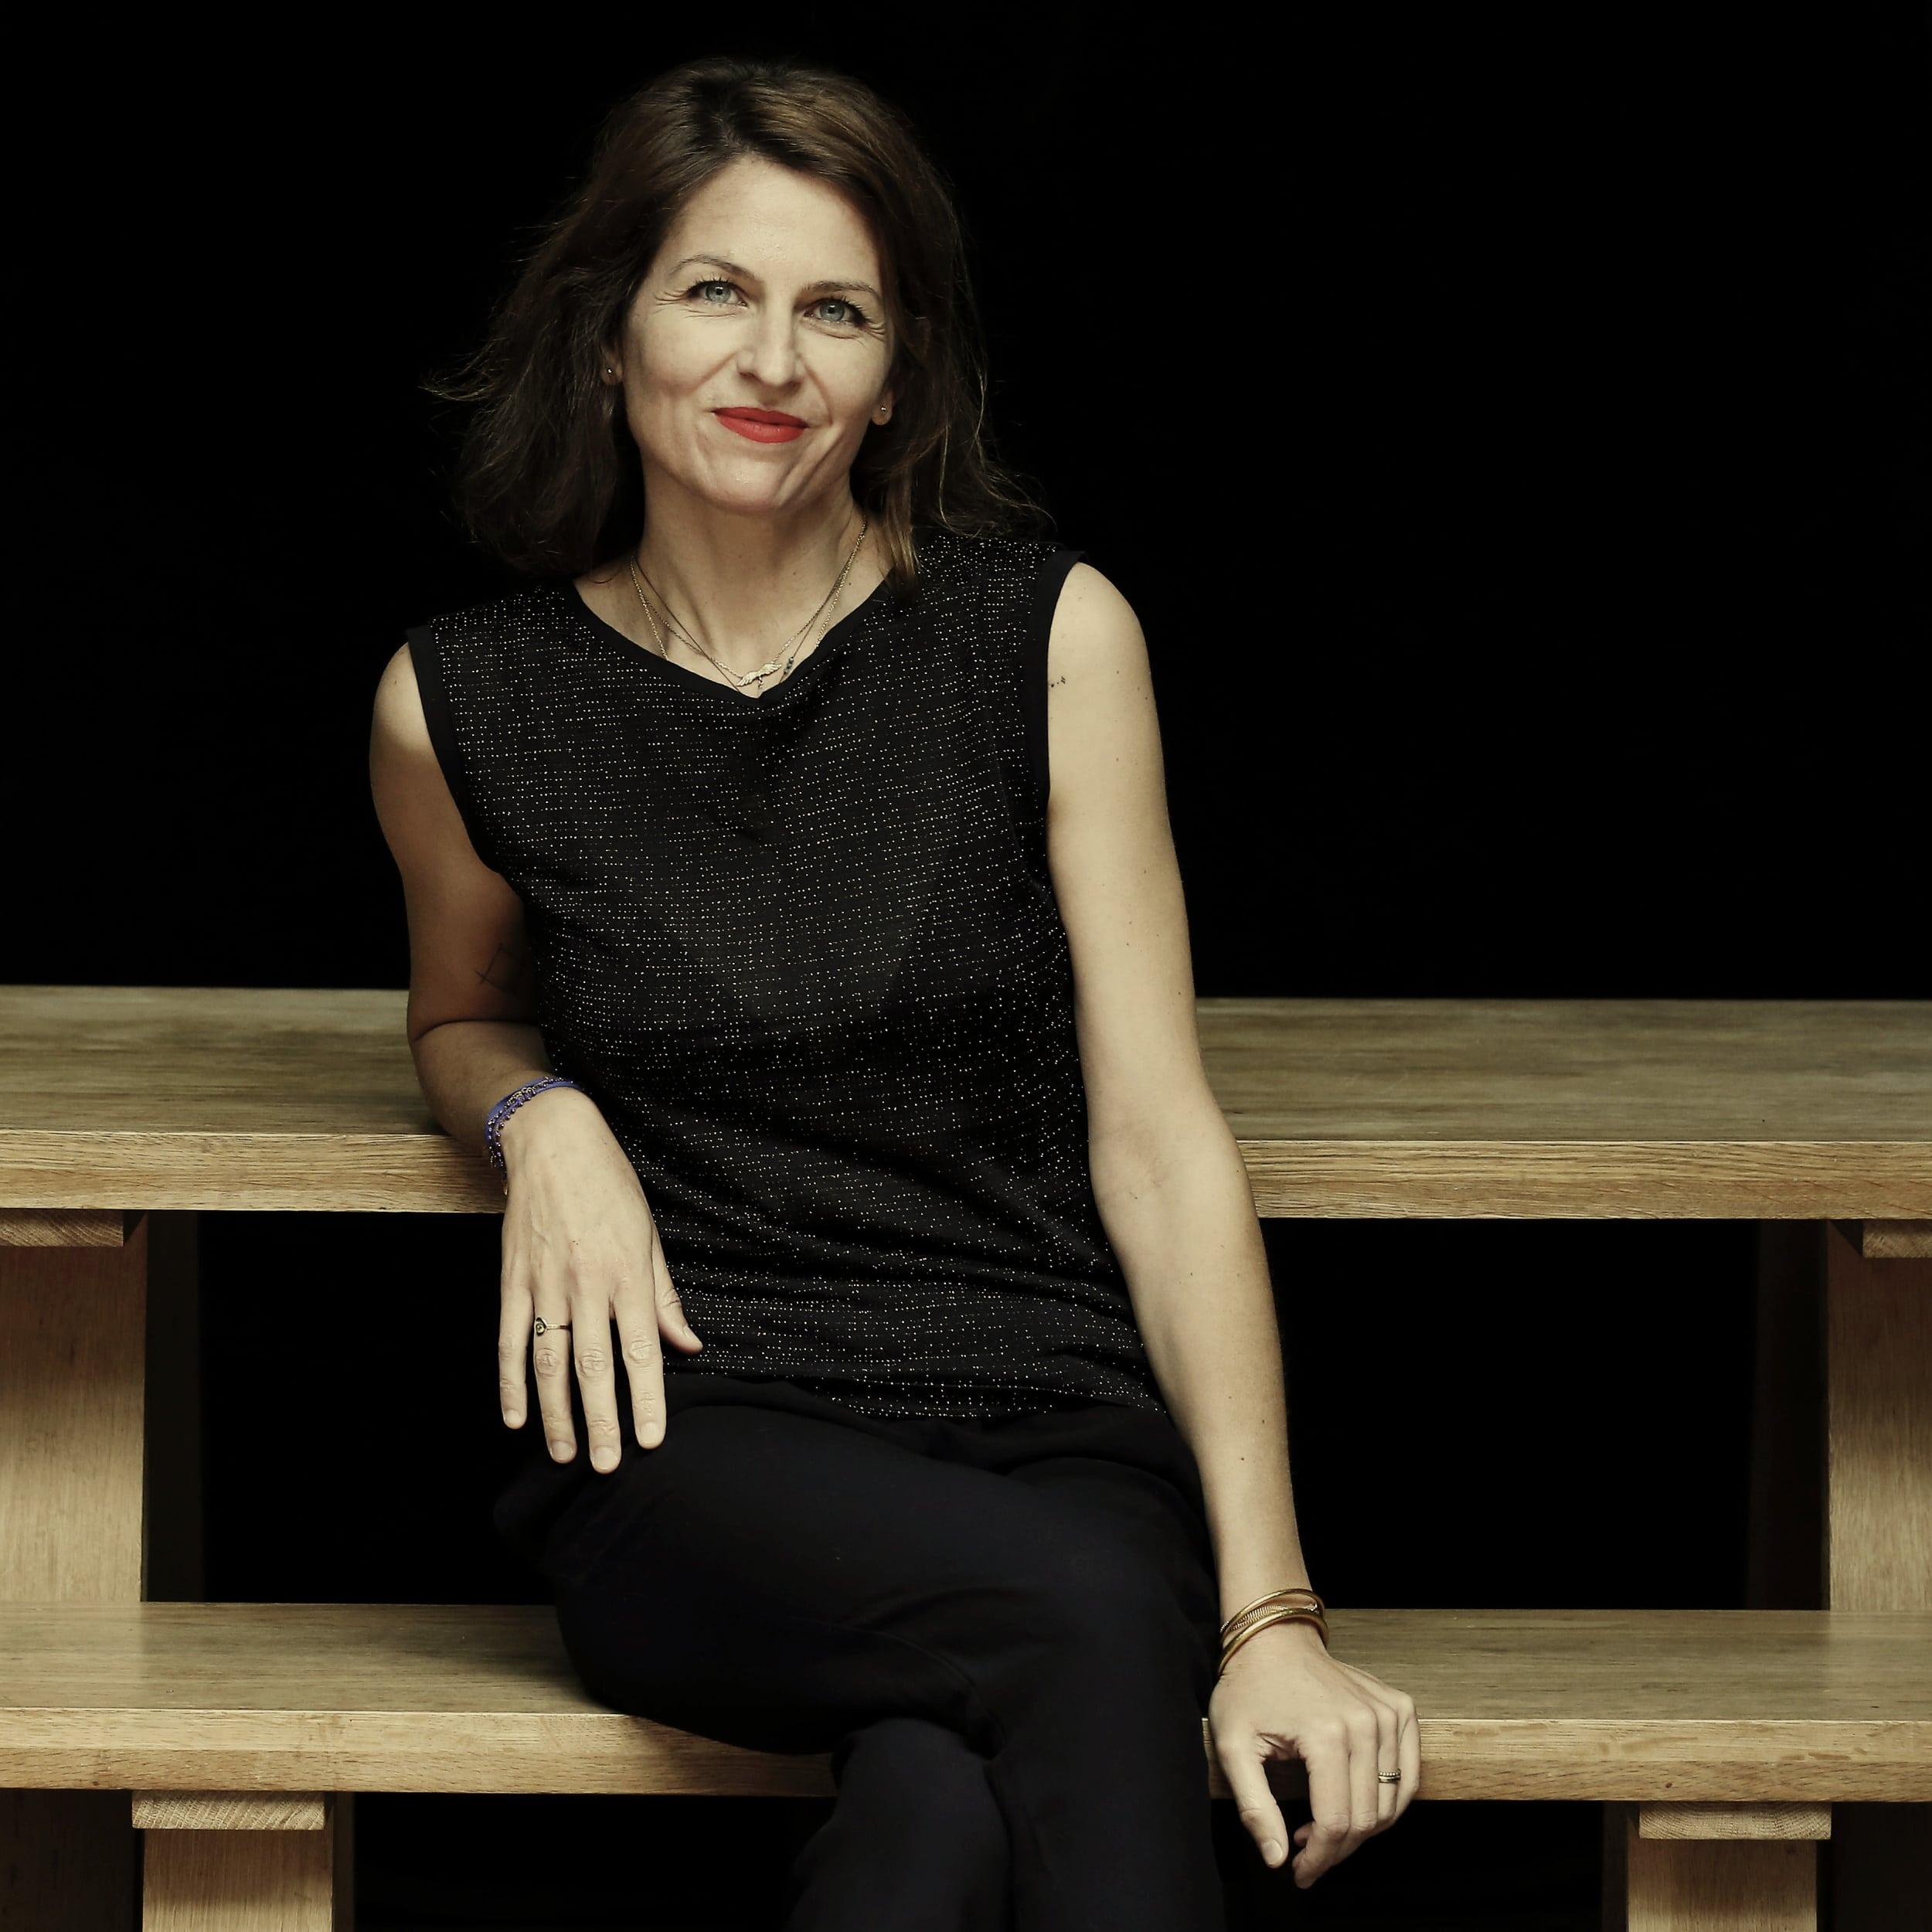 Festival de piano, la pianiste Vanessa Wagner